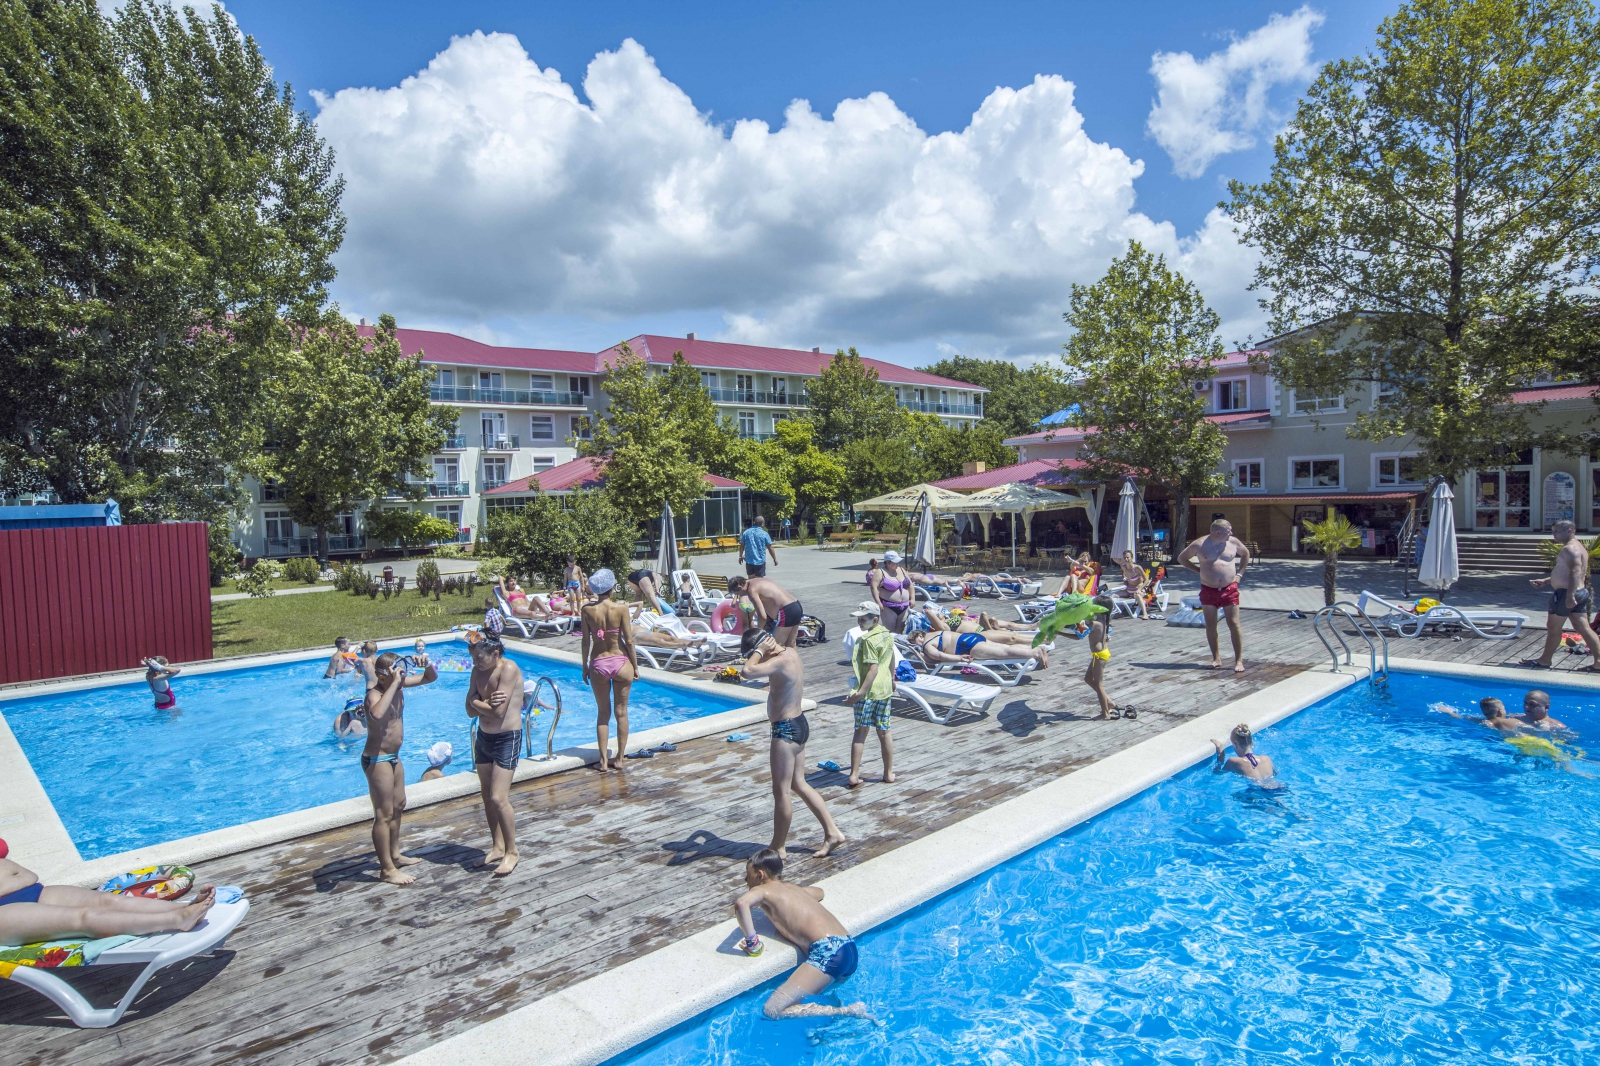 отель олимп анапа фото туристов